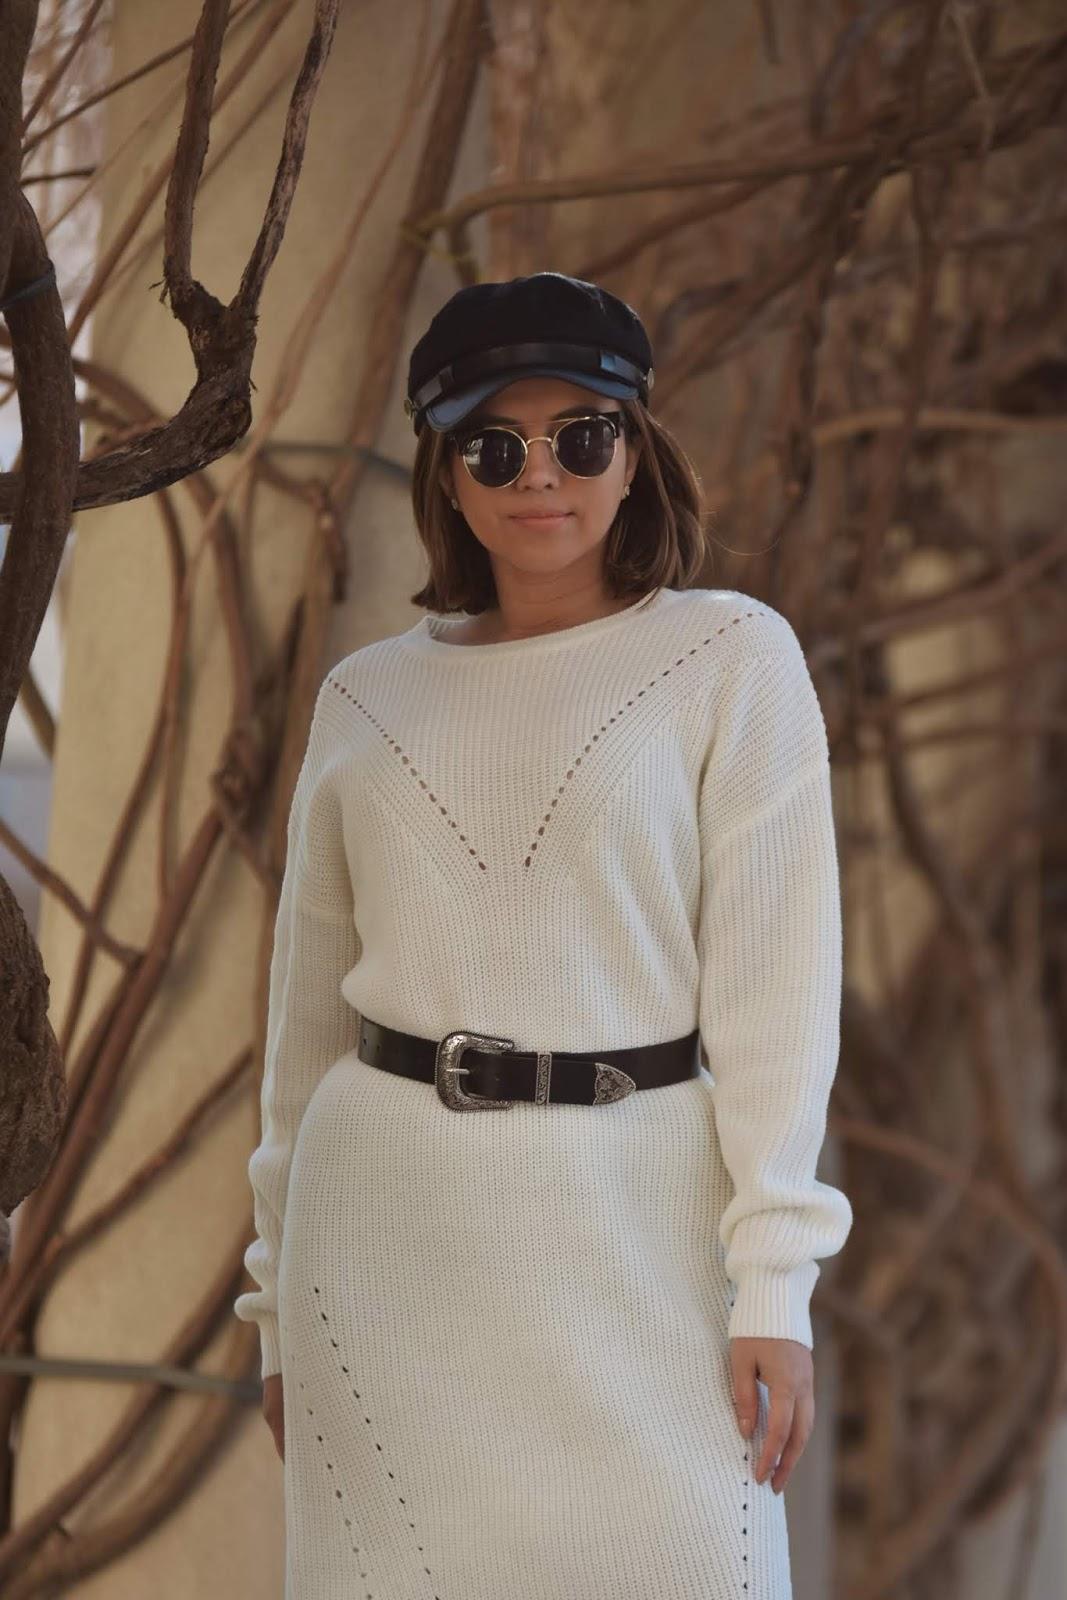 Wearing A Drop Shoulder Sweater Dress  by Mari Estilo-dcblogger-sheingals-canal de mariestilo-streetstyle-street wear-winterstyle-winter2020